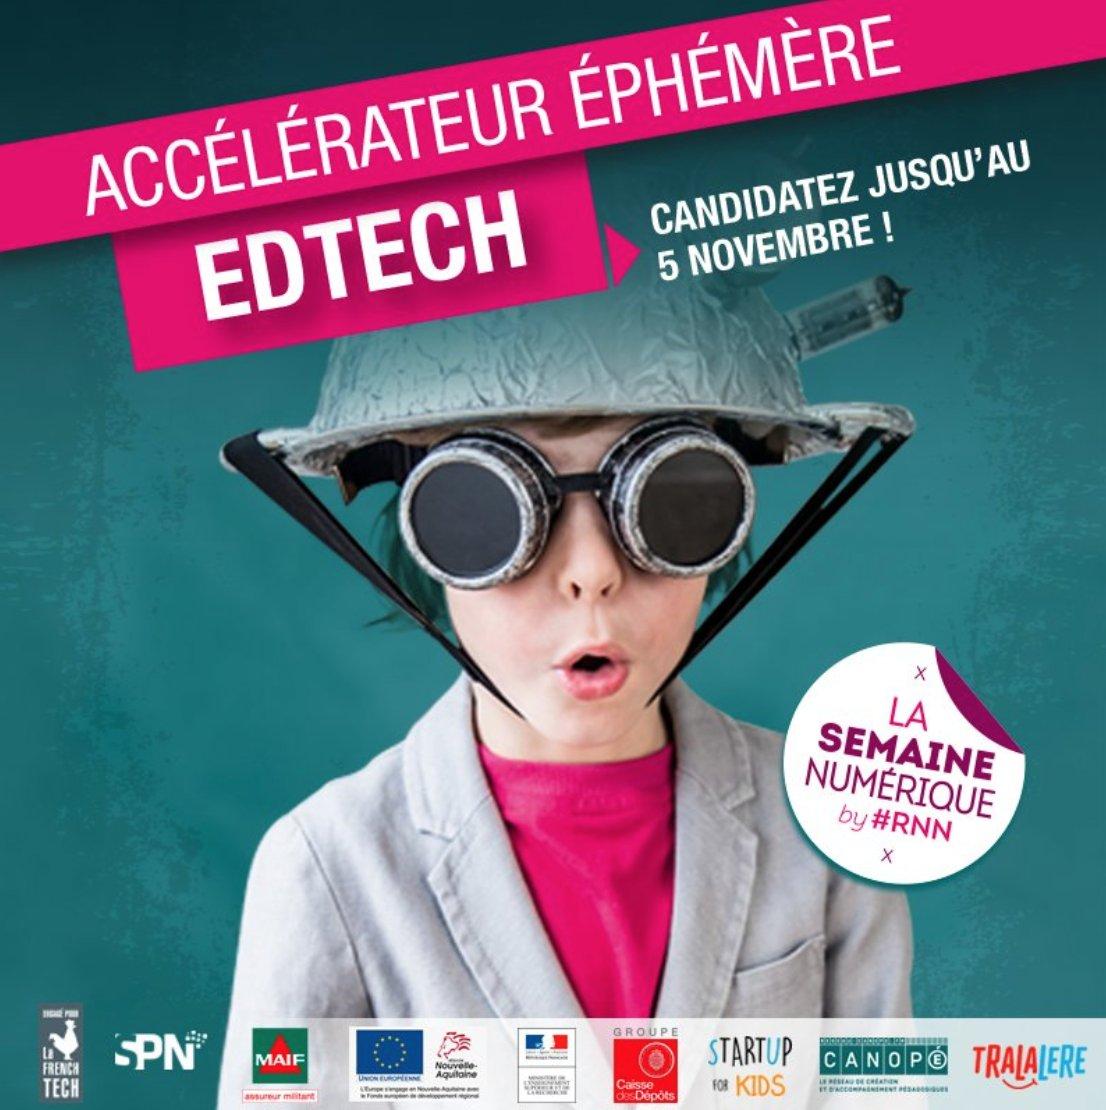 5 jours pour booster votre projet #Edtech avec le reseauSPN  Candidatures &gt;&gt;&gt;  http:// bit.ly/accedtchspn  &nbsp;   #RNN2017 <br>http://pic.twitter.com/2U2UGe9H6w  …